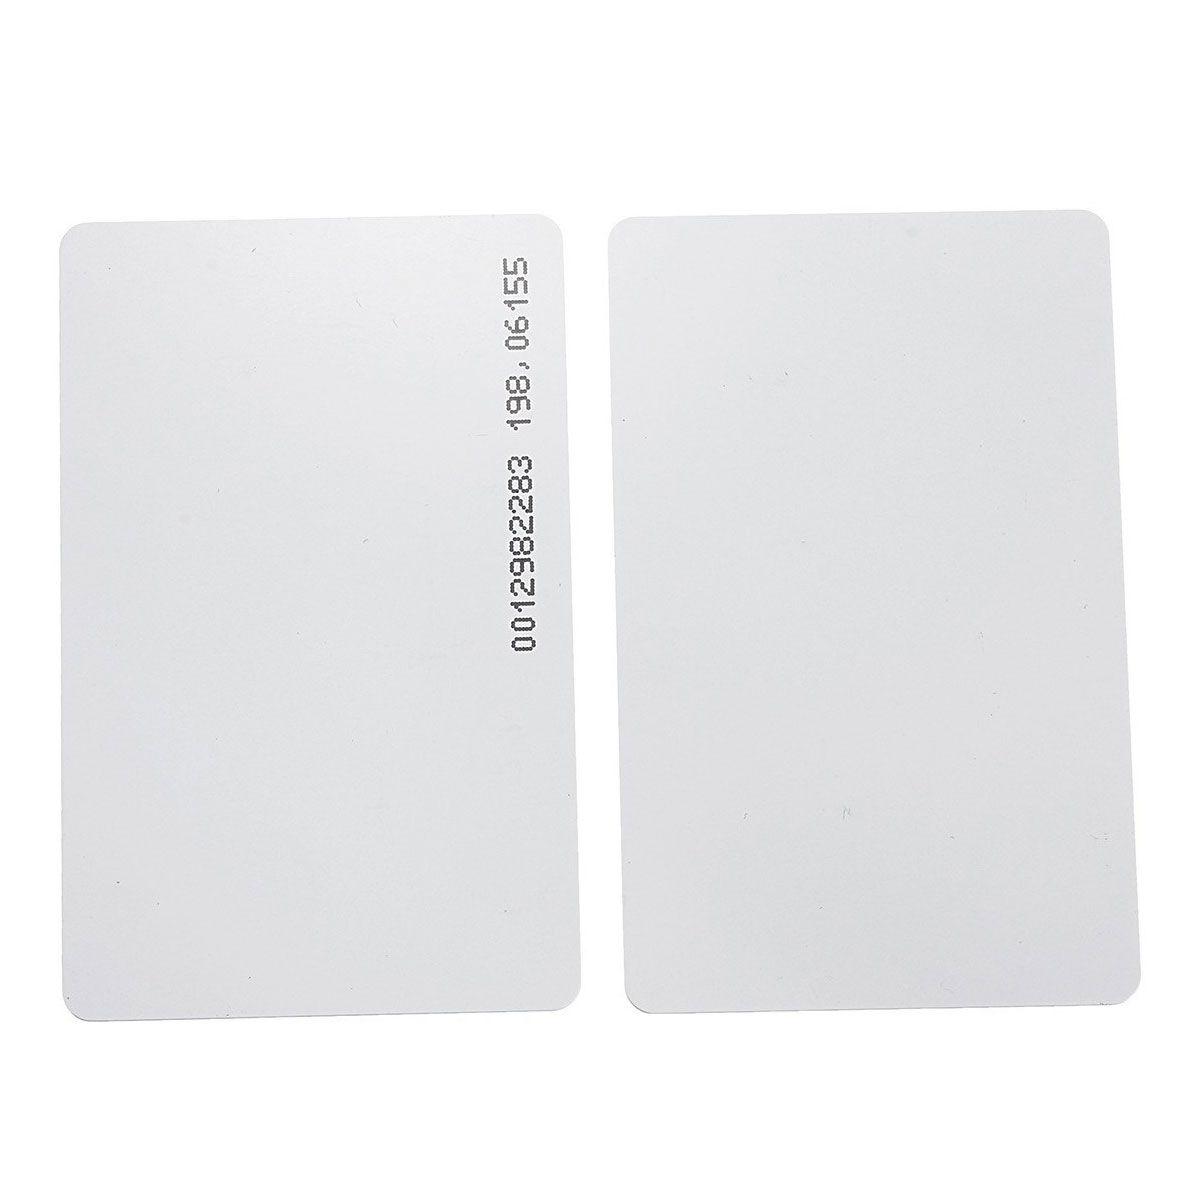 15x Cartão RFID de Proximidade 125Khz